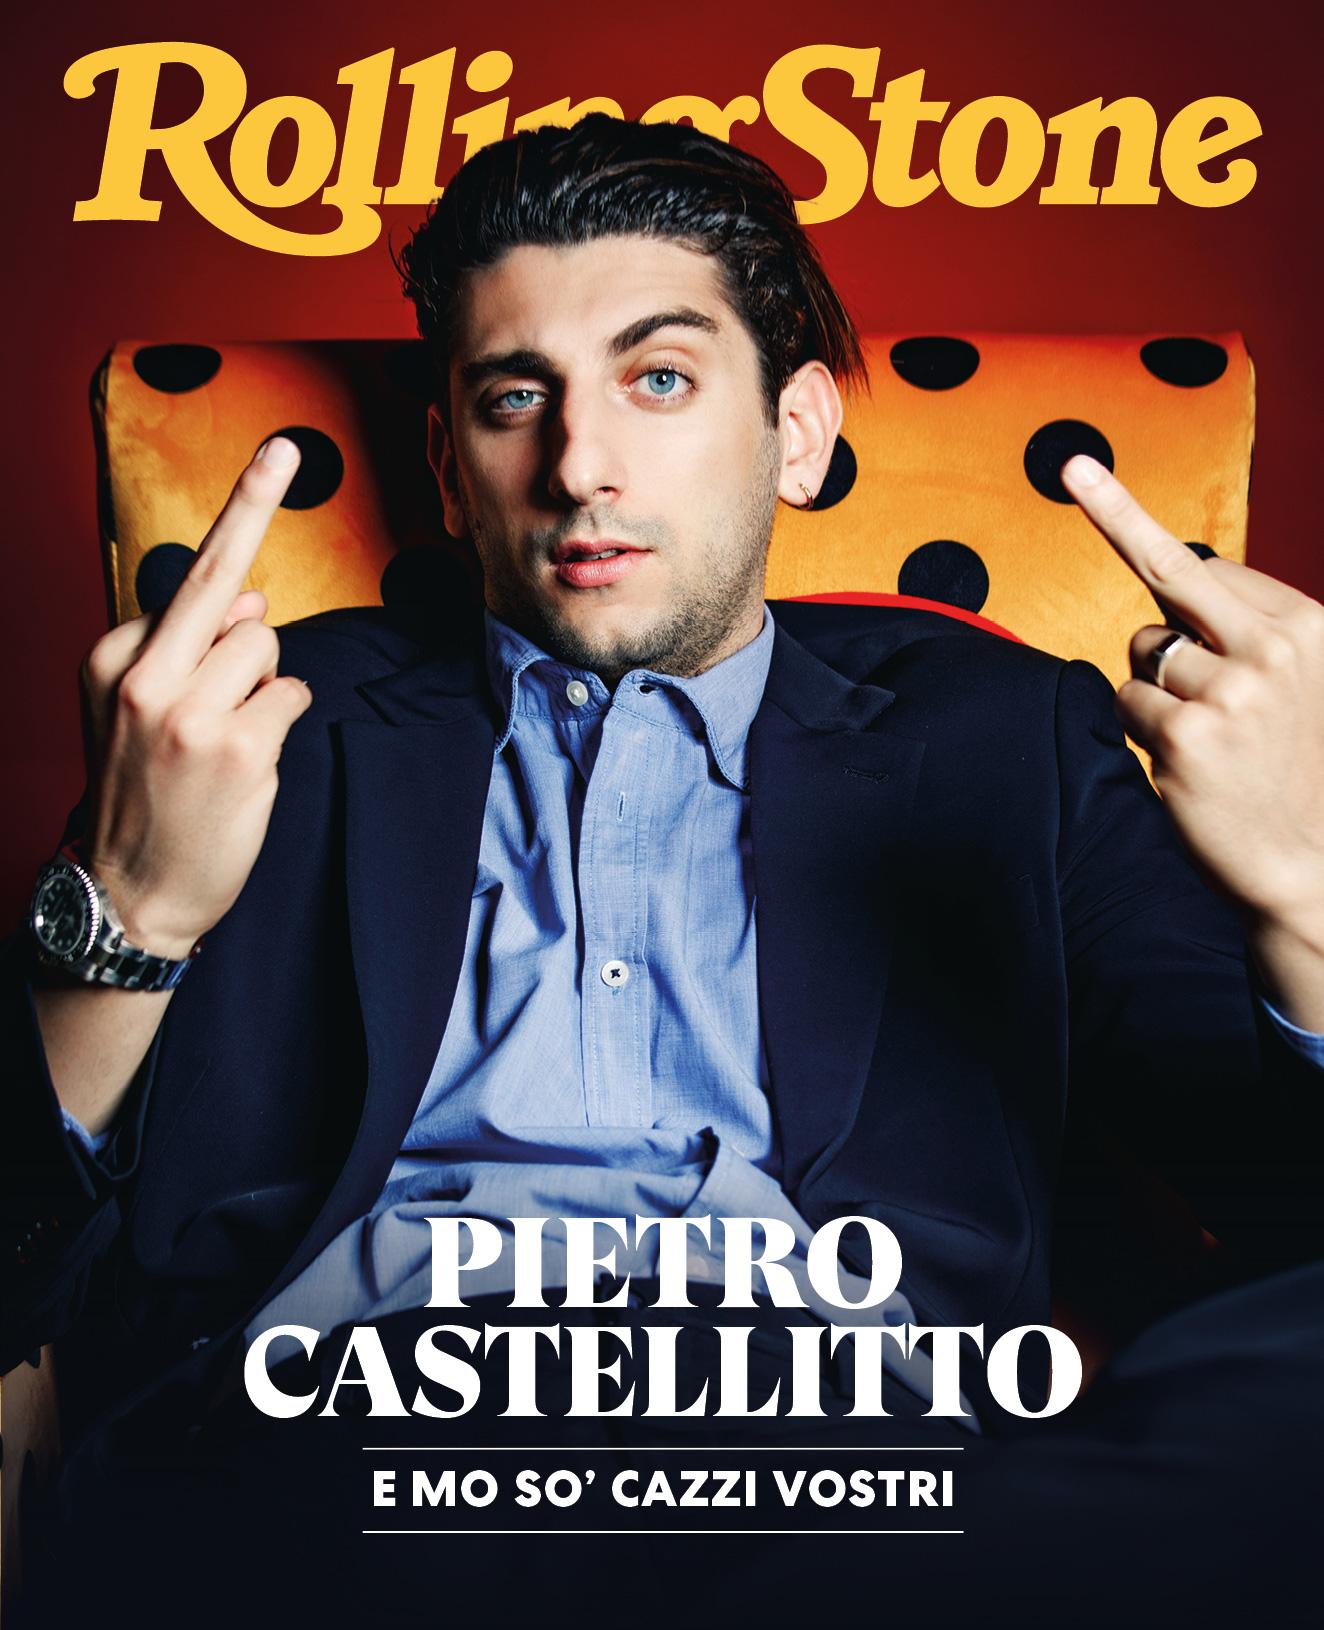 Pietro Castellitto cover rolling stone